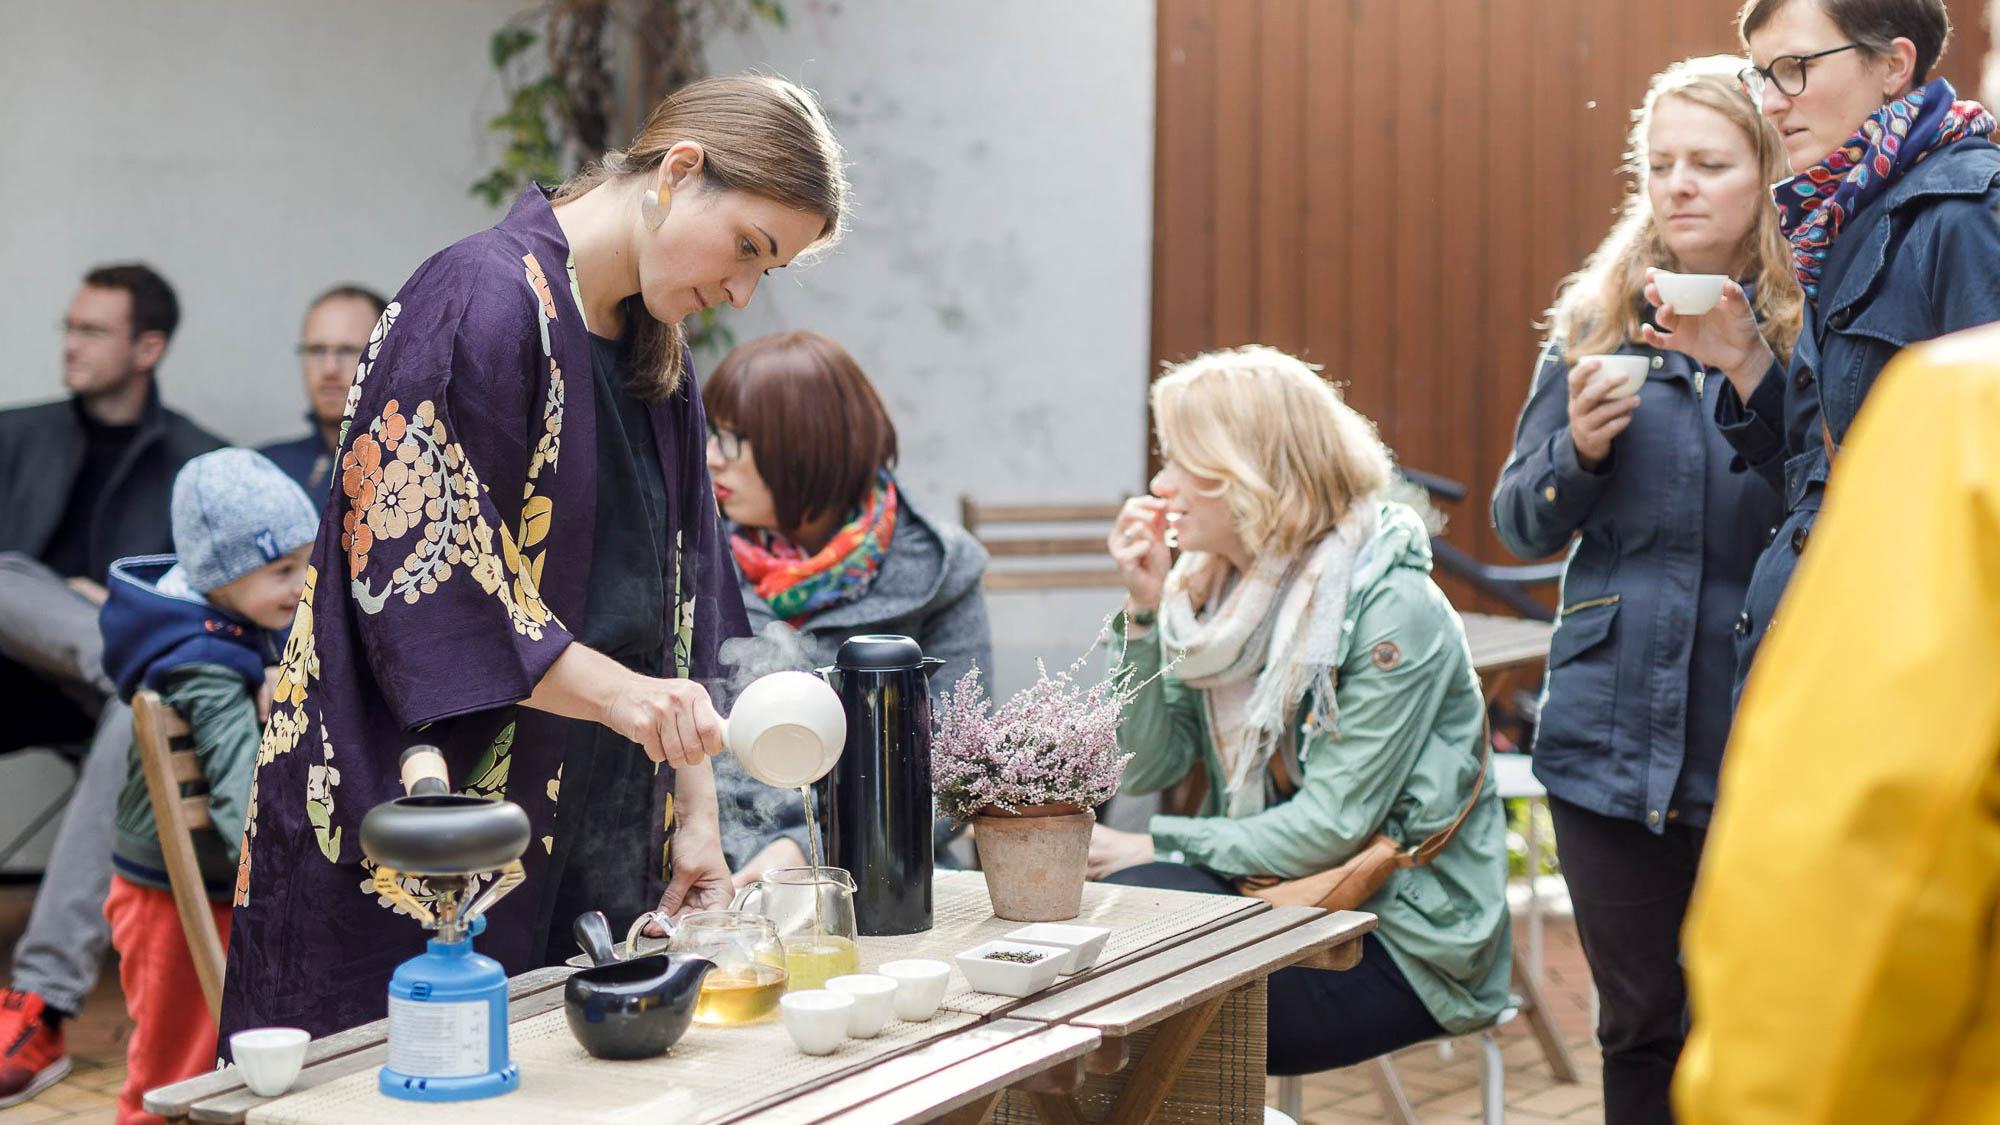 Frau beim aufgiessen von Tee